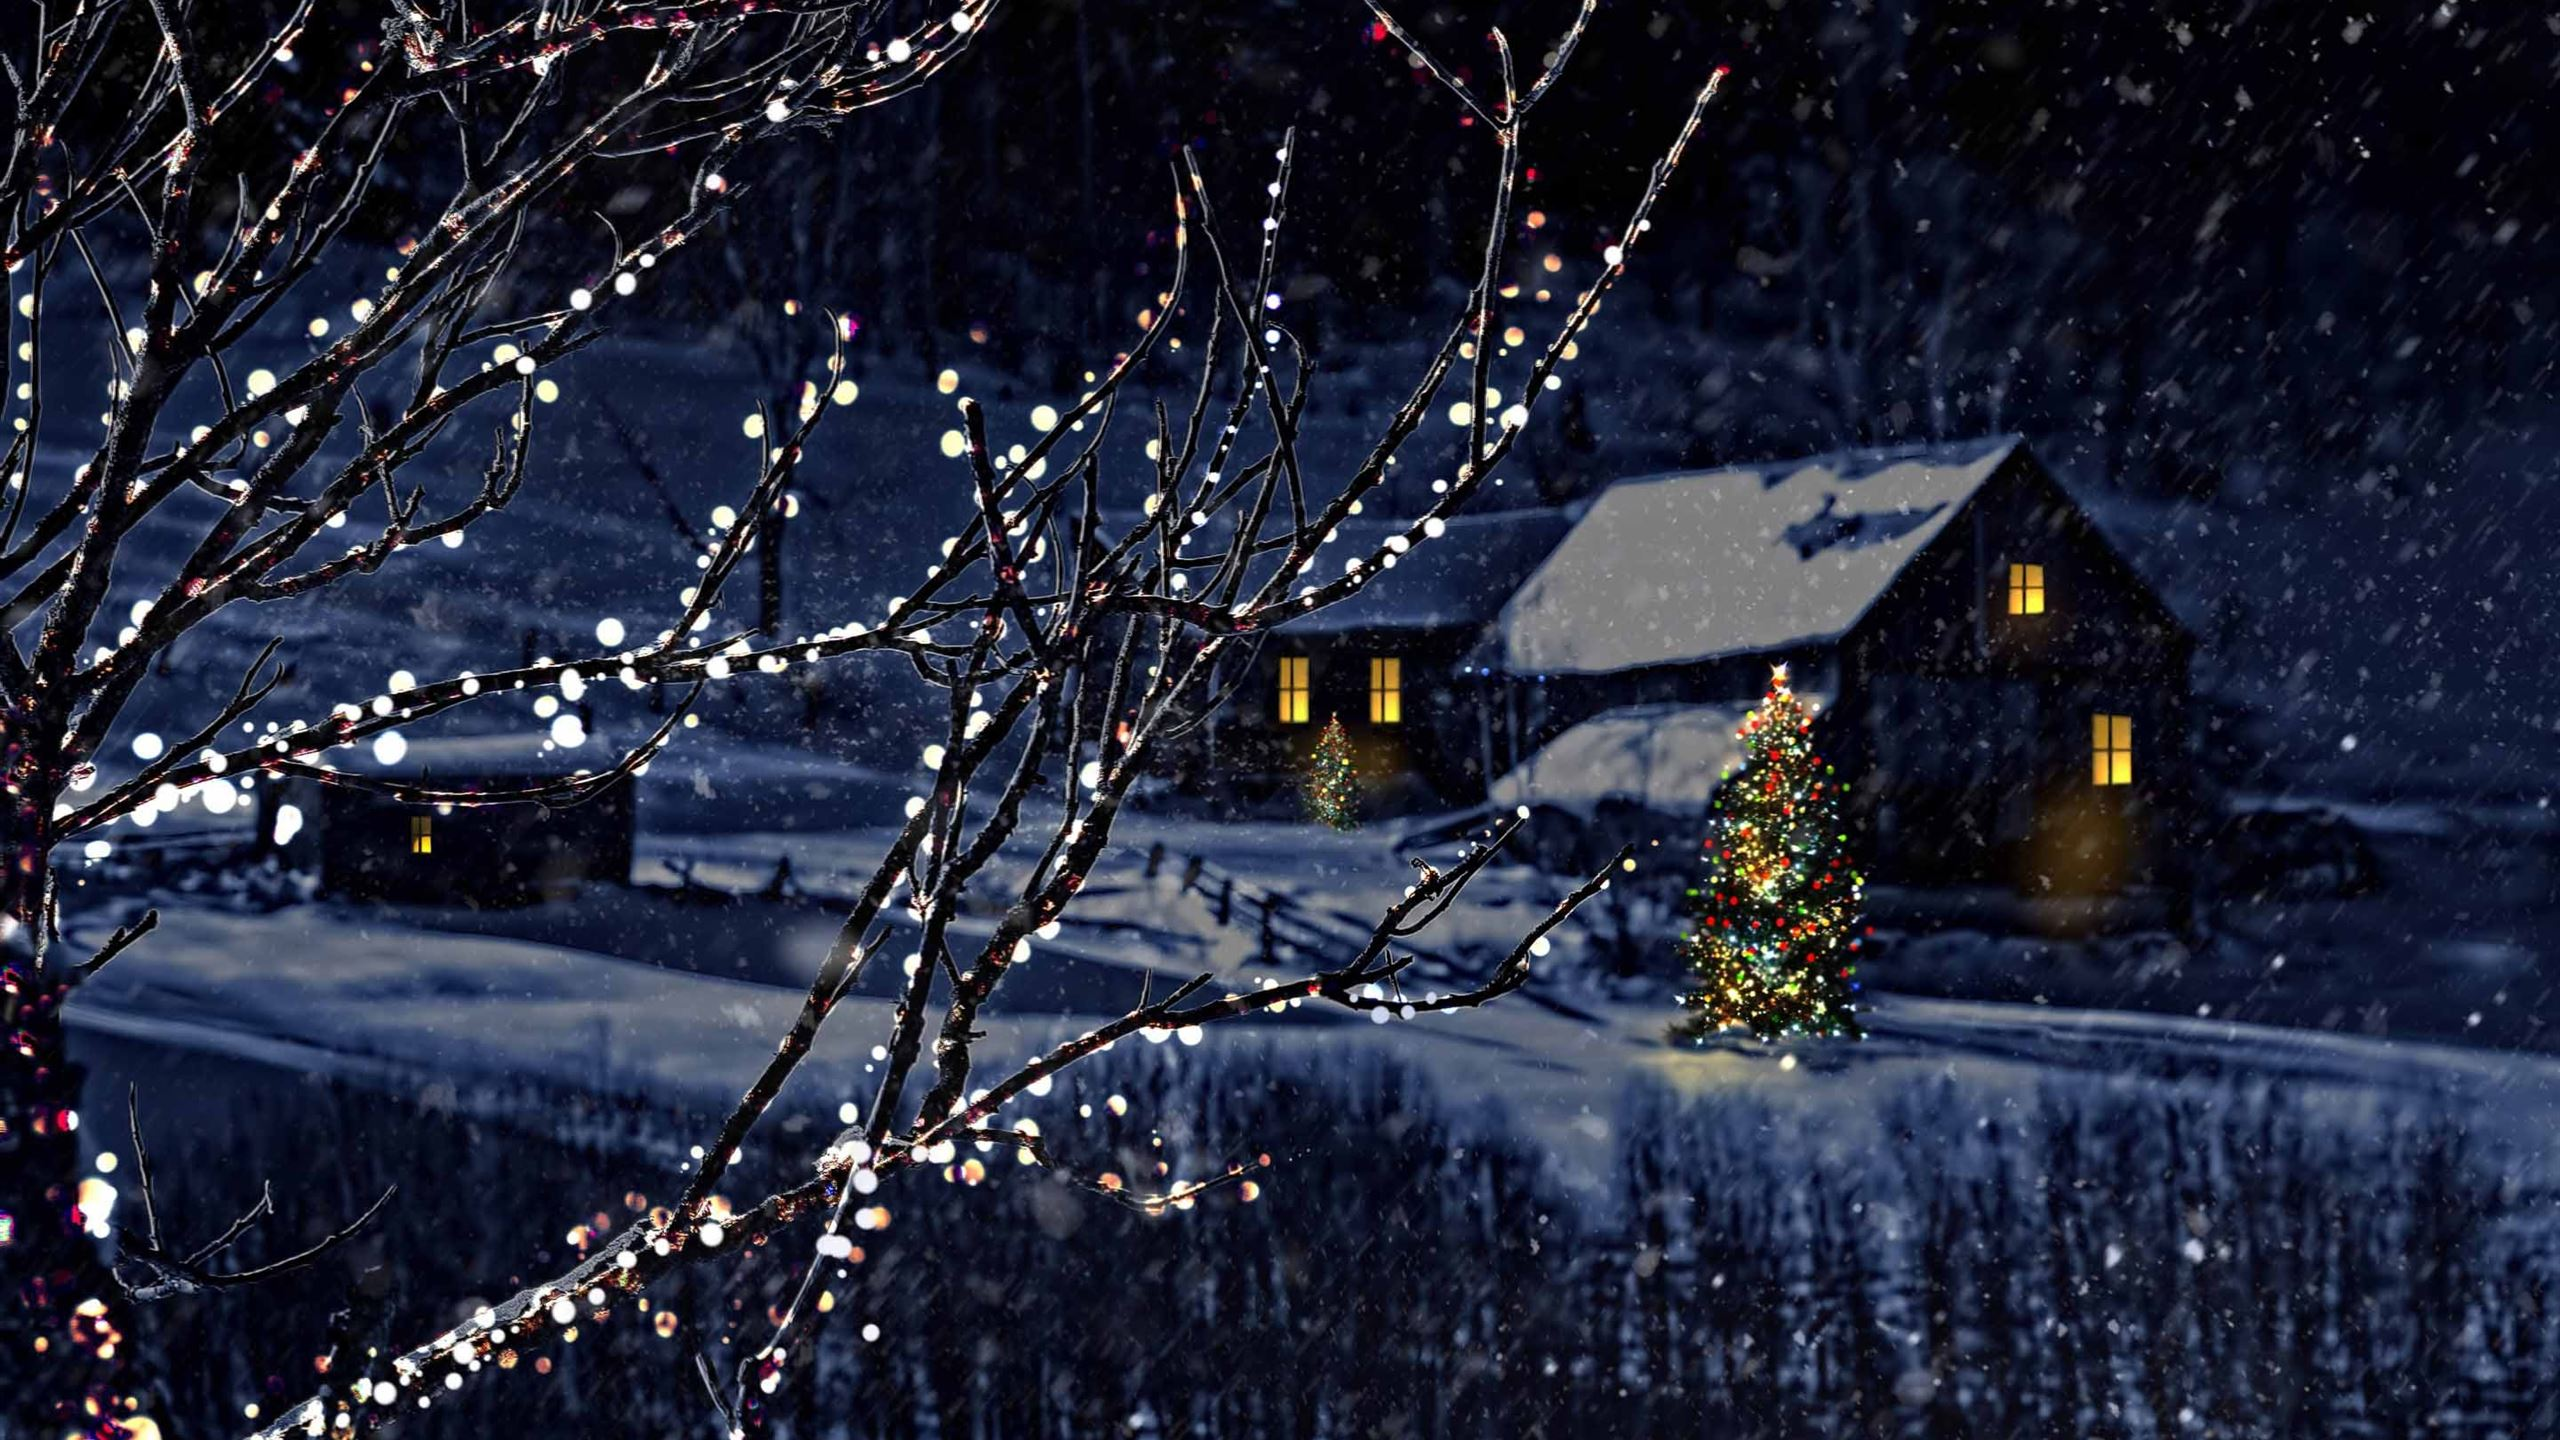 Christmas Night Macbook Air Wallpaper Download Allmacwallpaper